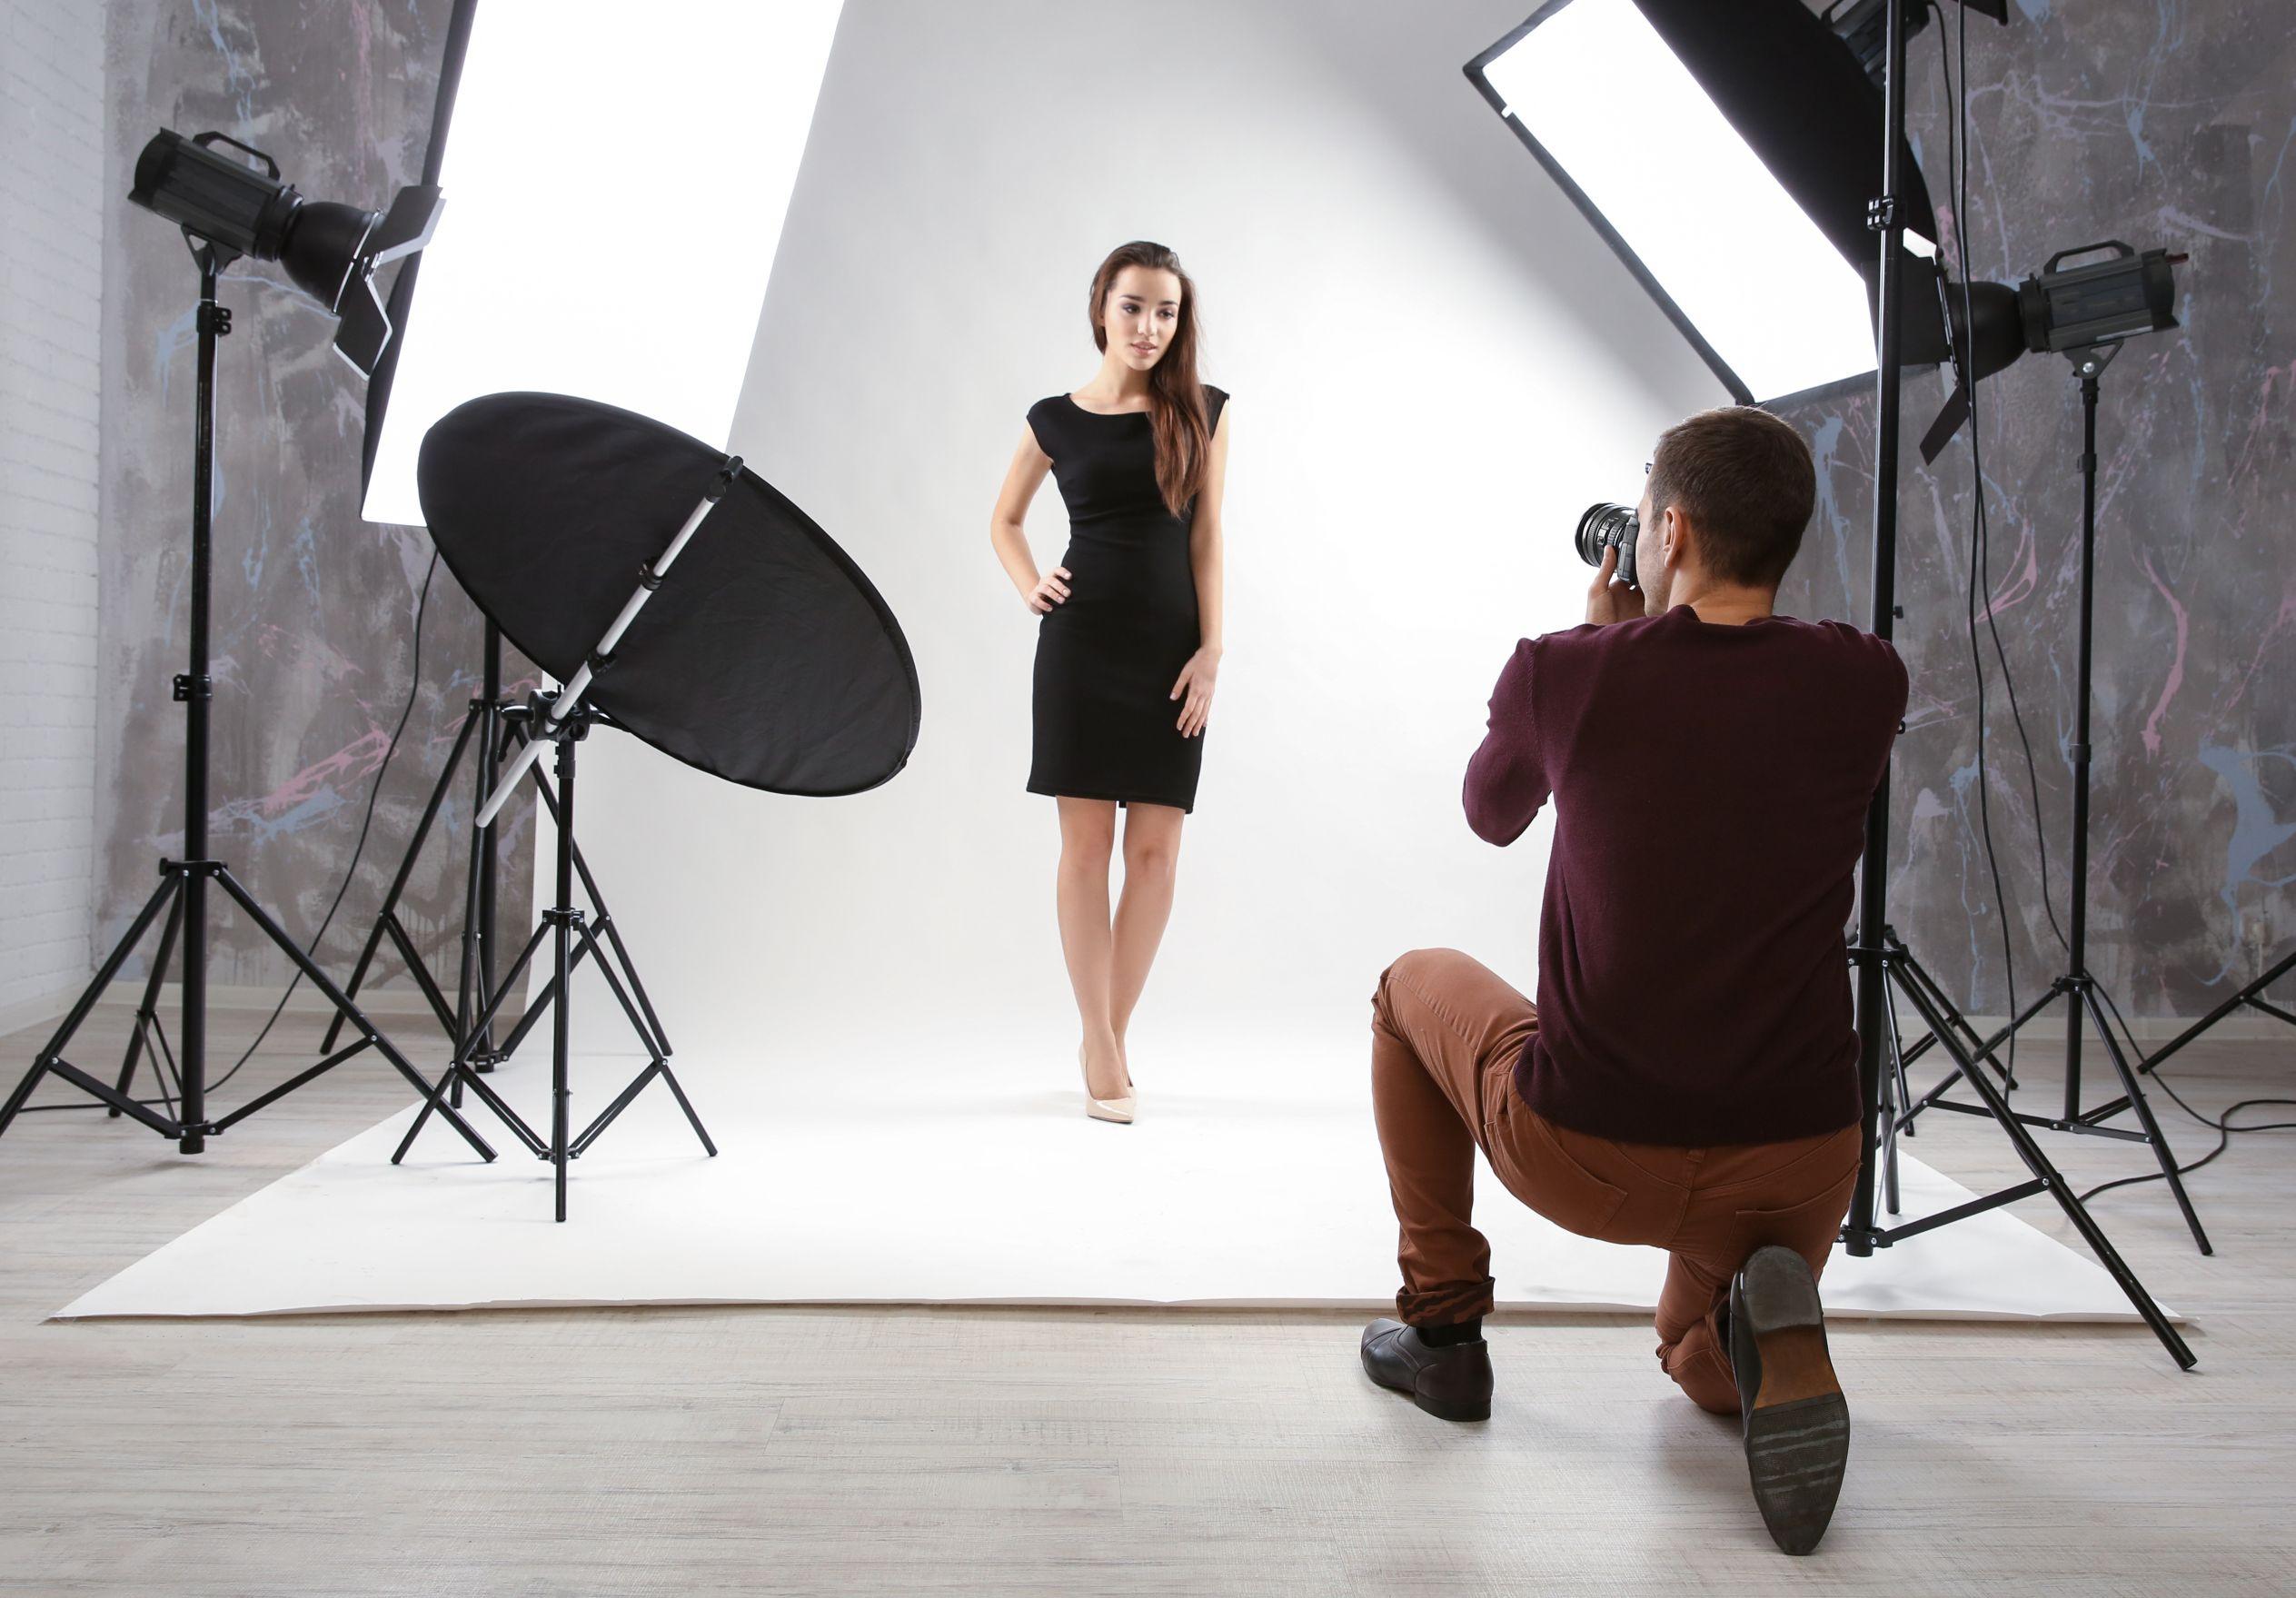 шкивы советы как фотографировать в студии зависимости высоты профиля